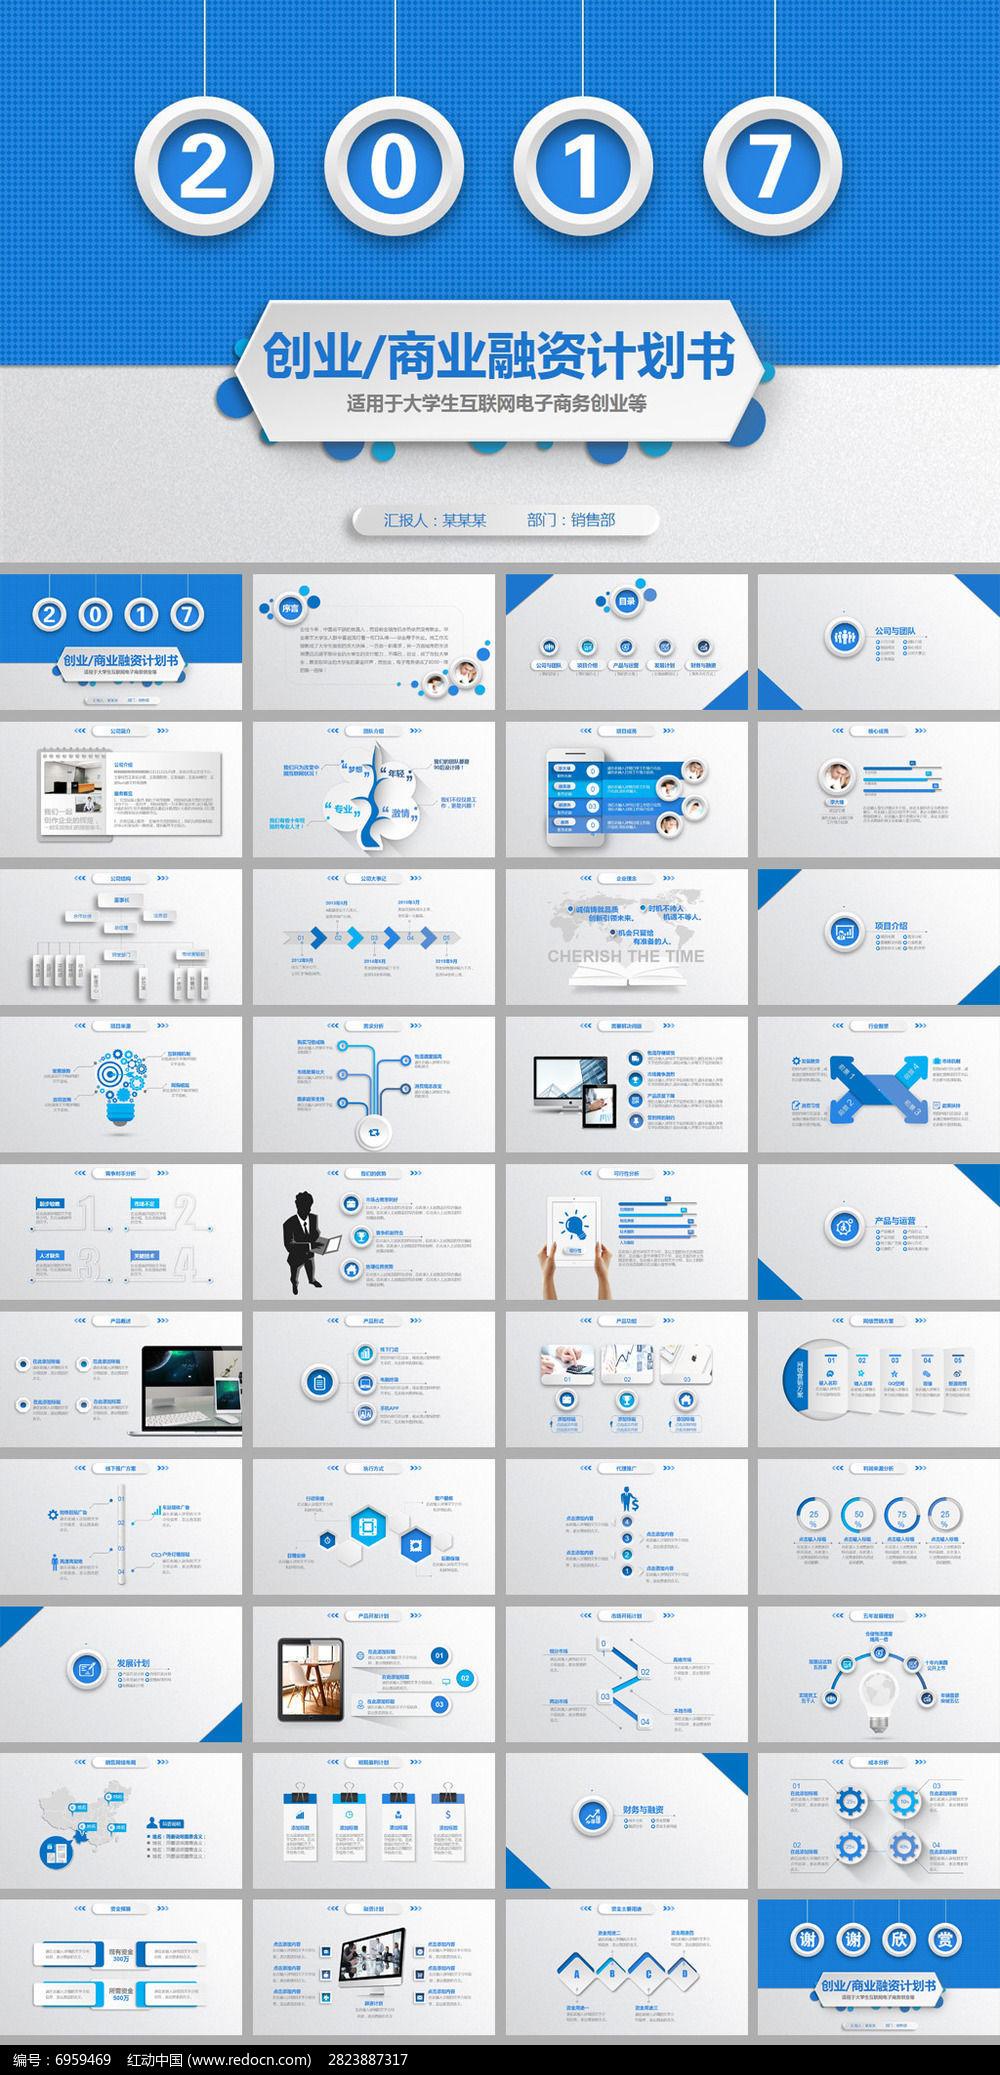 2017商务商业公司企业文化报告ppt模板